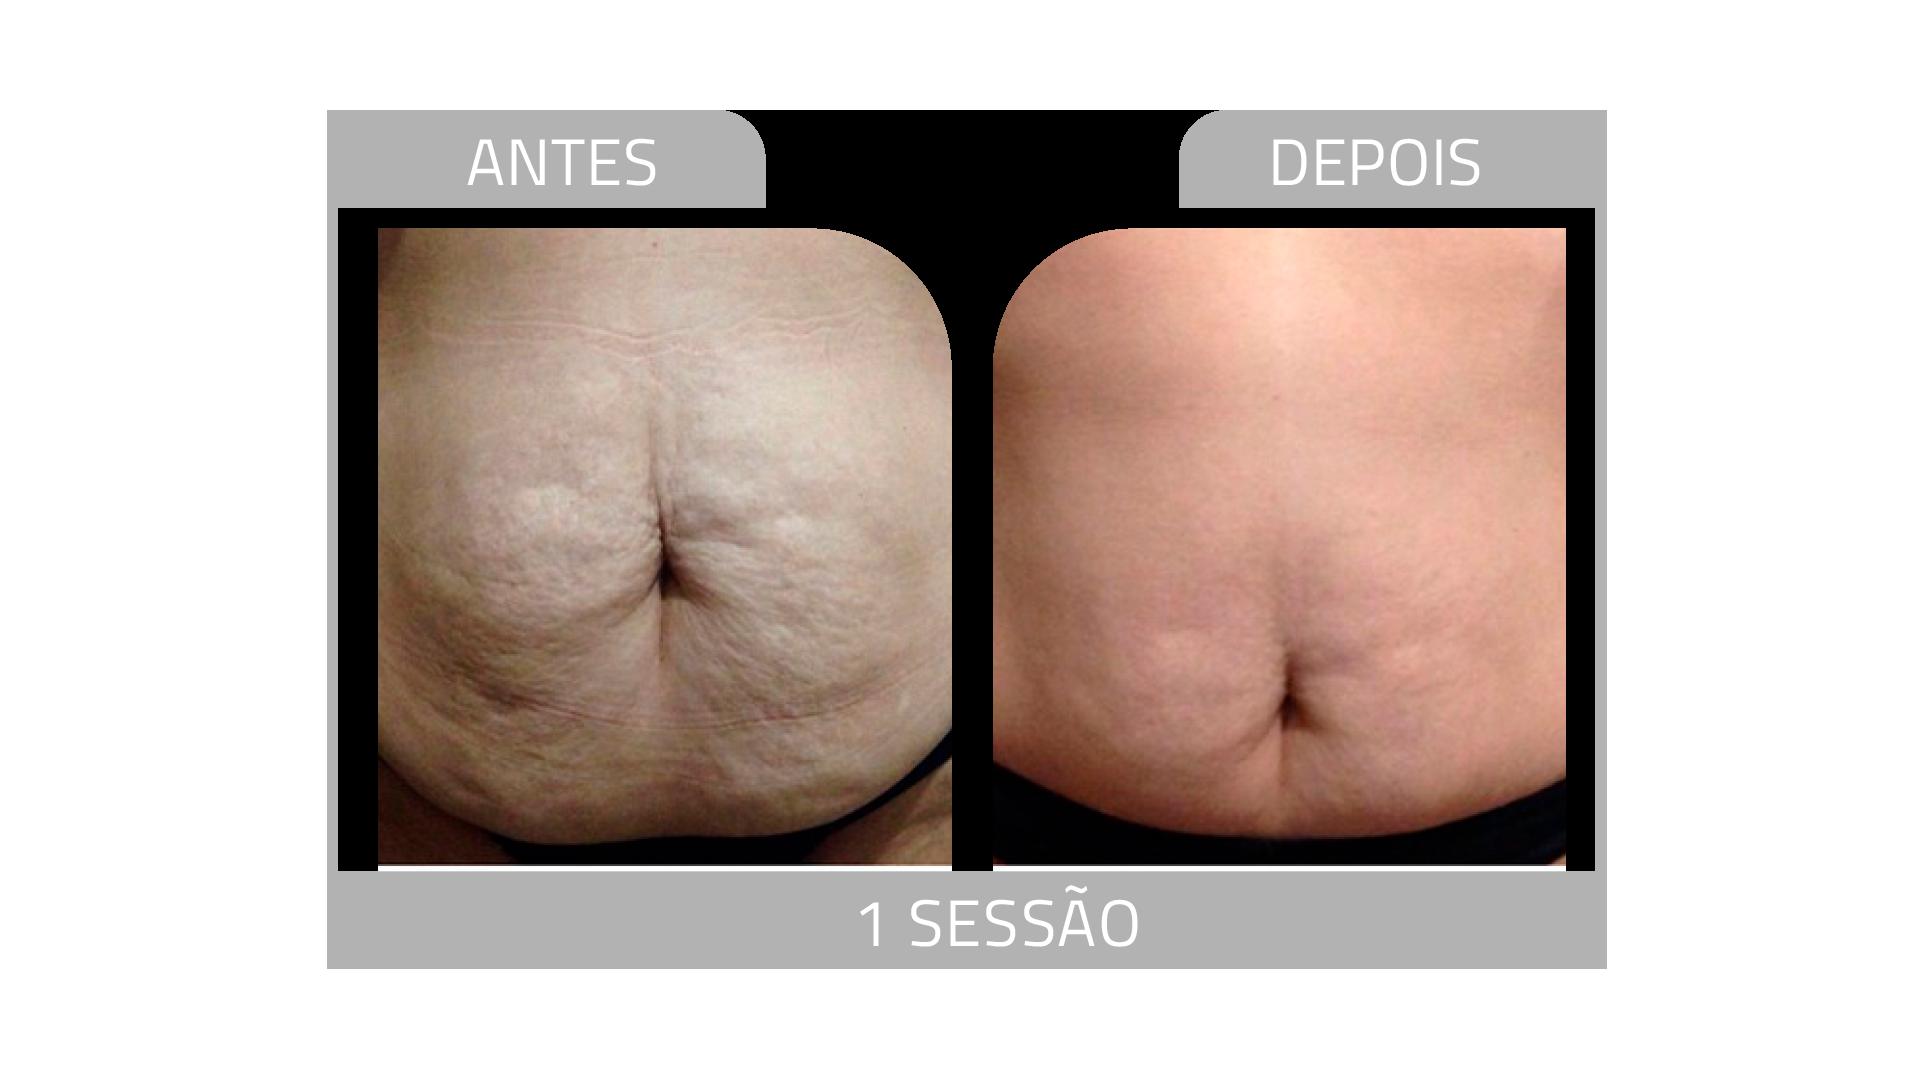 ANTES E DEPOIS STRIORT 12.png